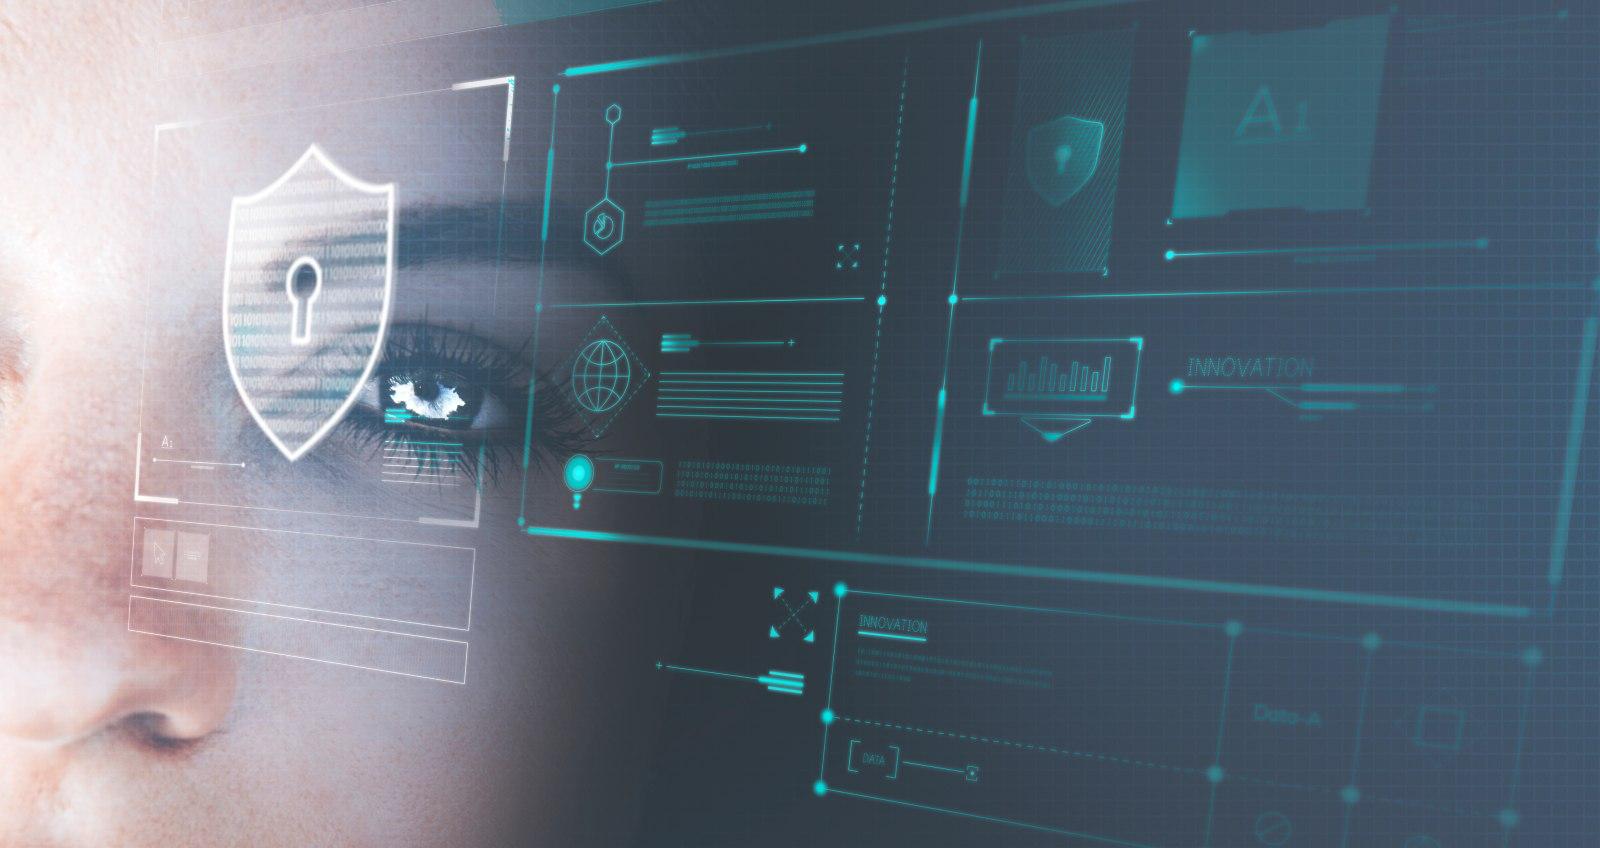 Medidas de seguridad en edificios: apuesta a la tecnología